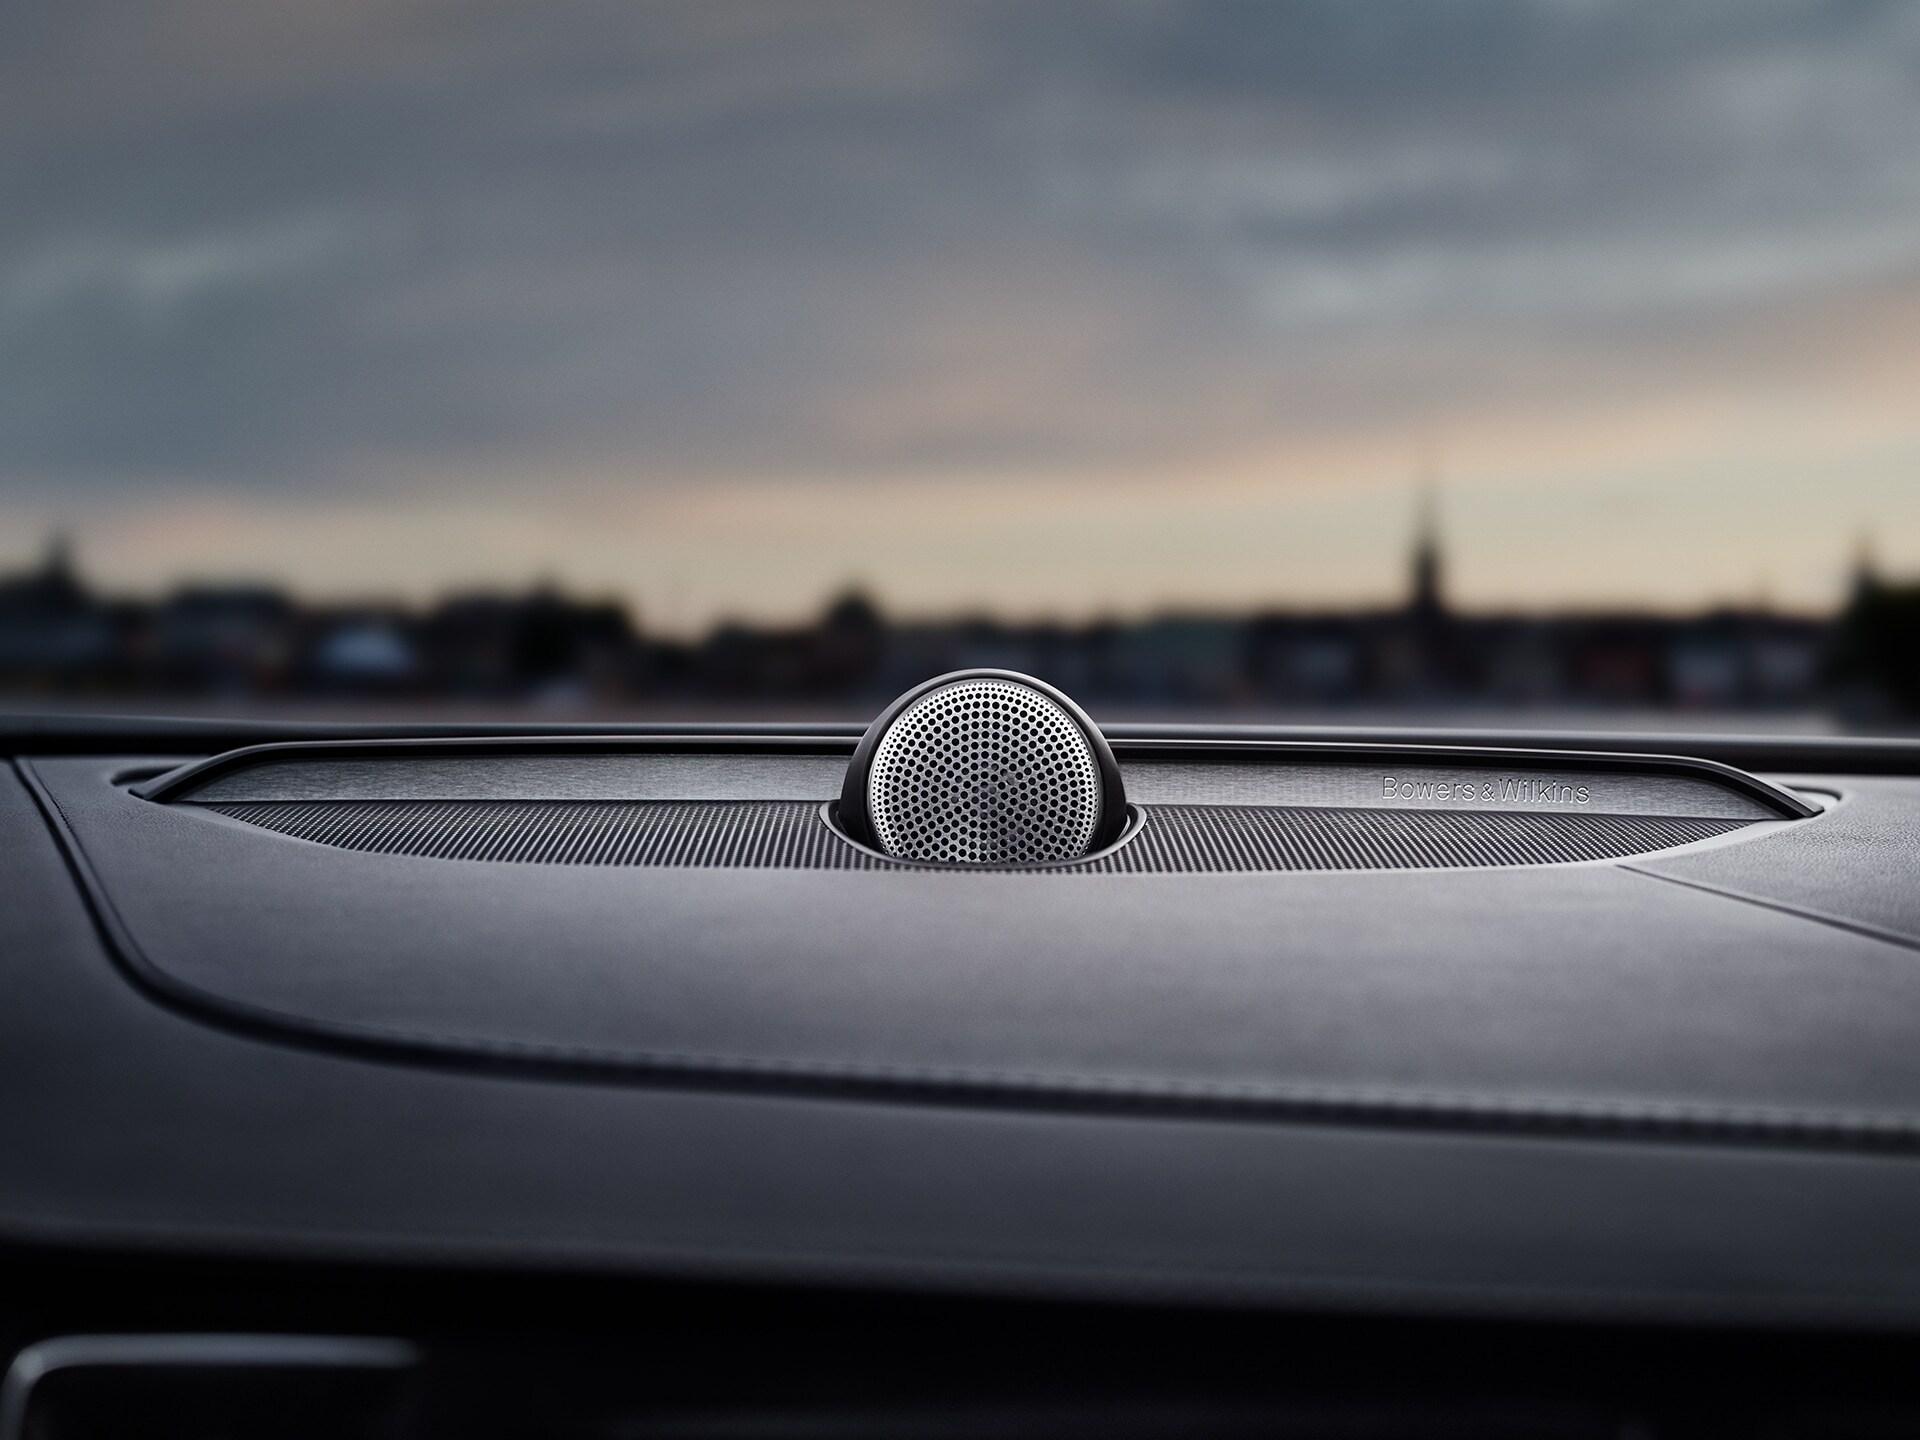 Lautsprecher von Bowers & Wilkins in einem Volvo XC90.